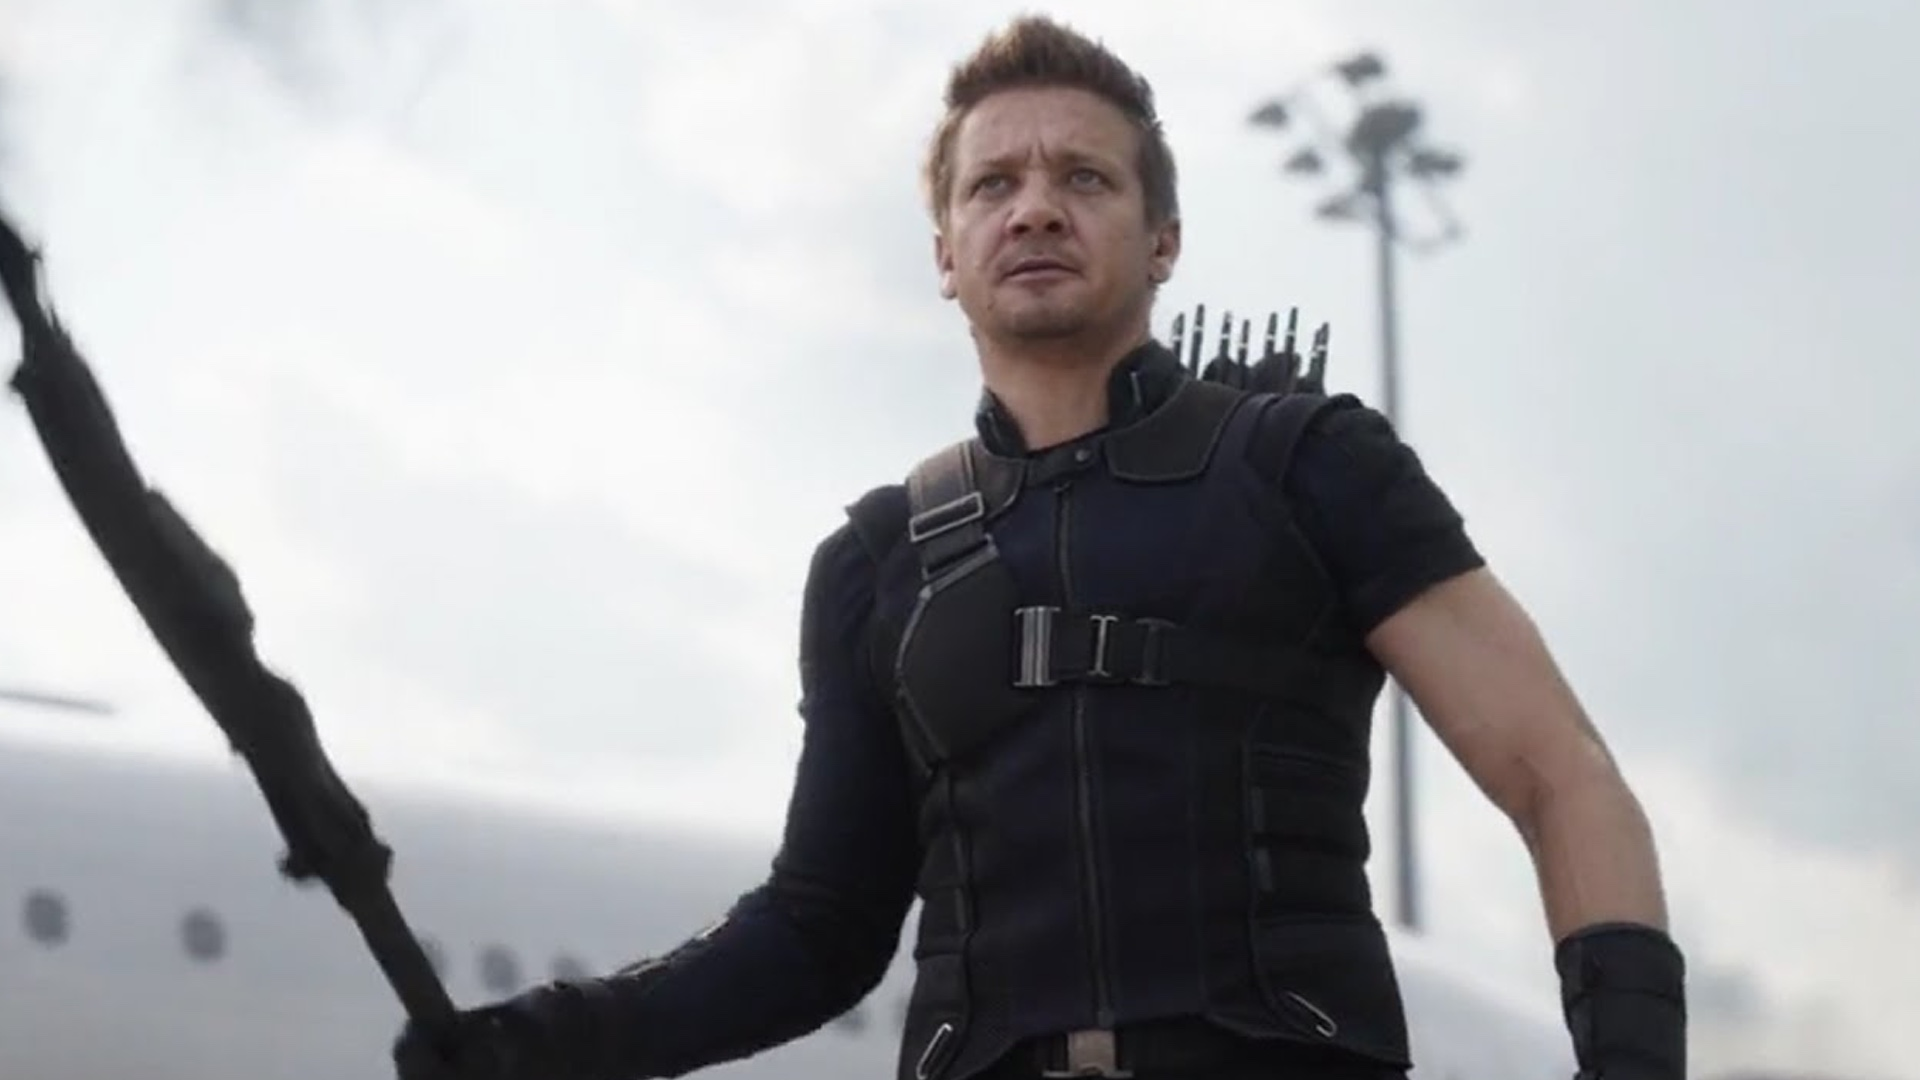 《 美國隊長3 》之後,鷹眼 (傑瑞米雷納 飾) 將於《 復仇者聯盟4 》再度大顯身手。